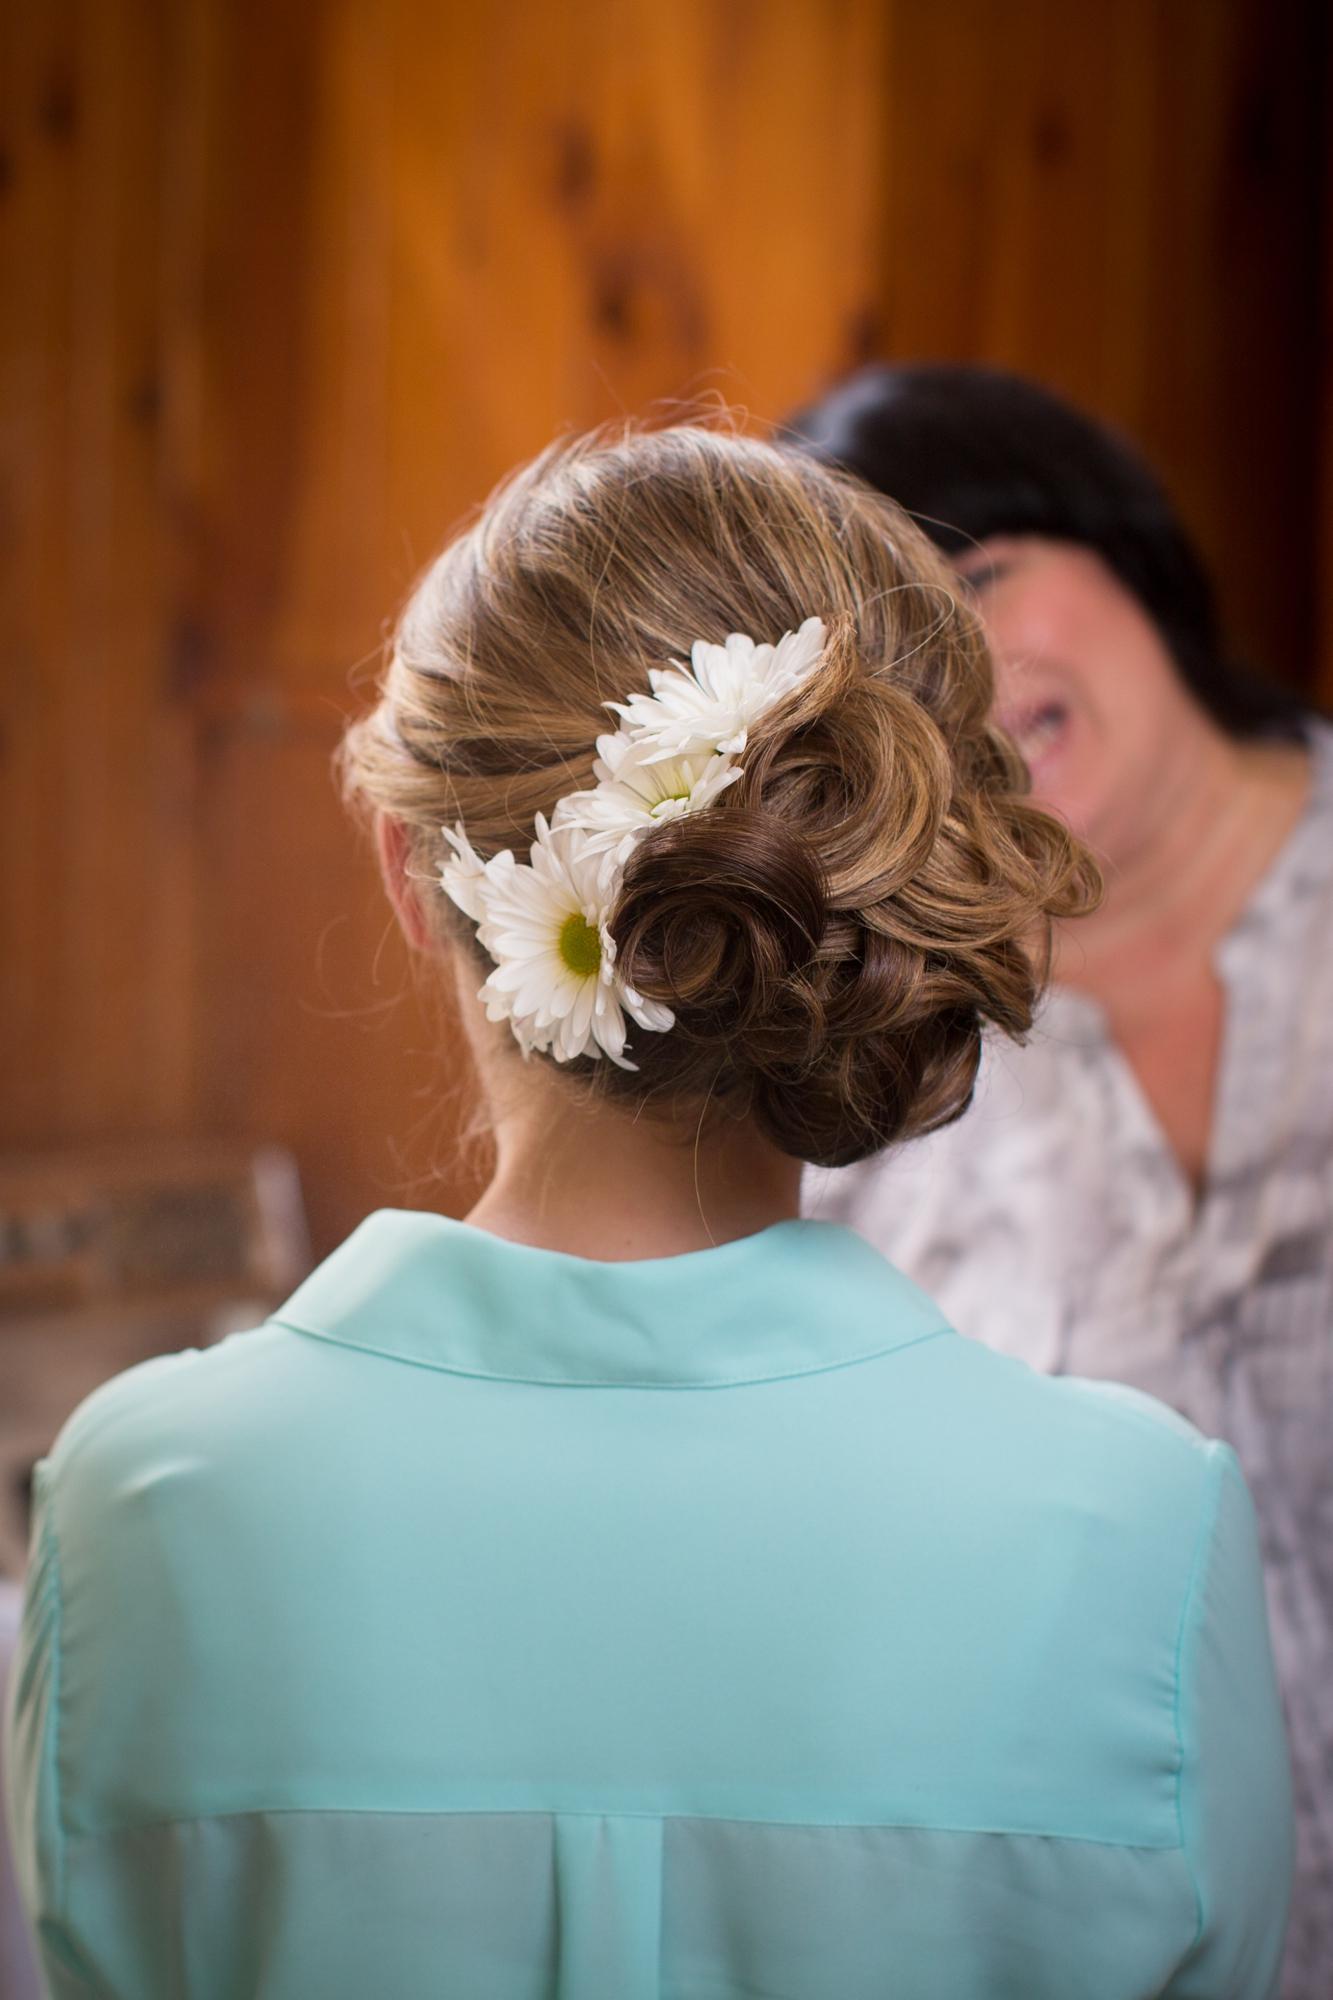 Albany NY Wedding Photographer Justin Tibbitts Photography Best of Albany NY Weddings 20144